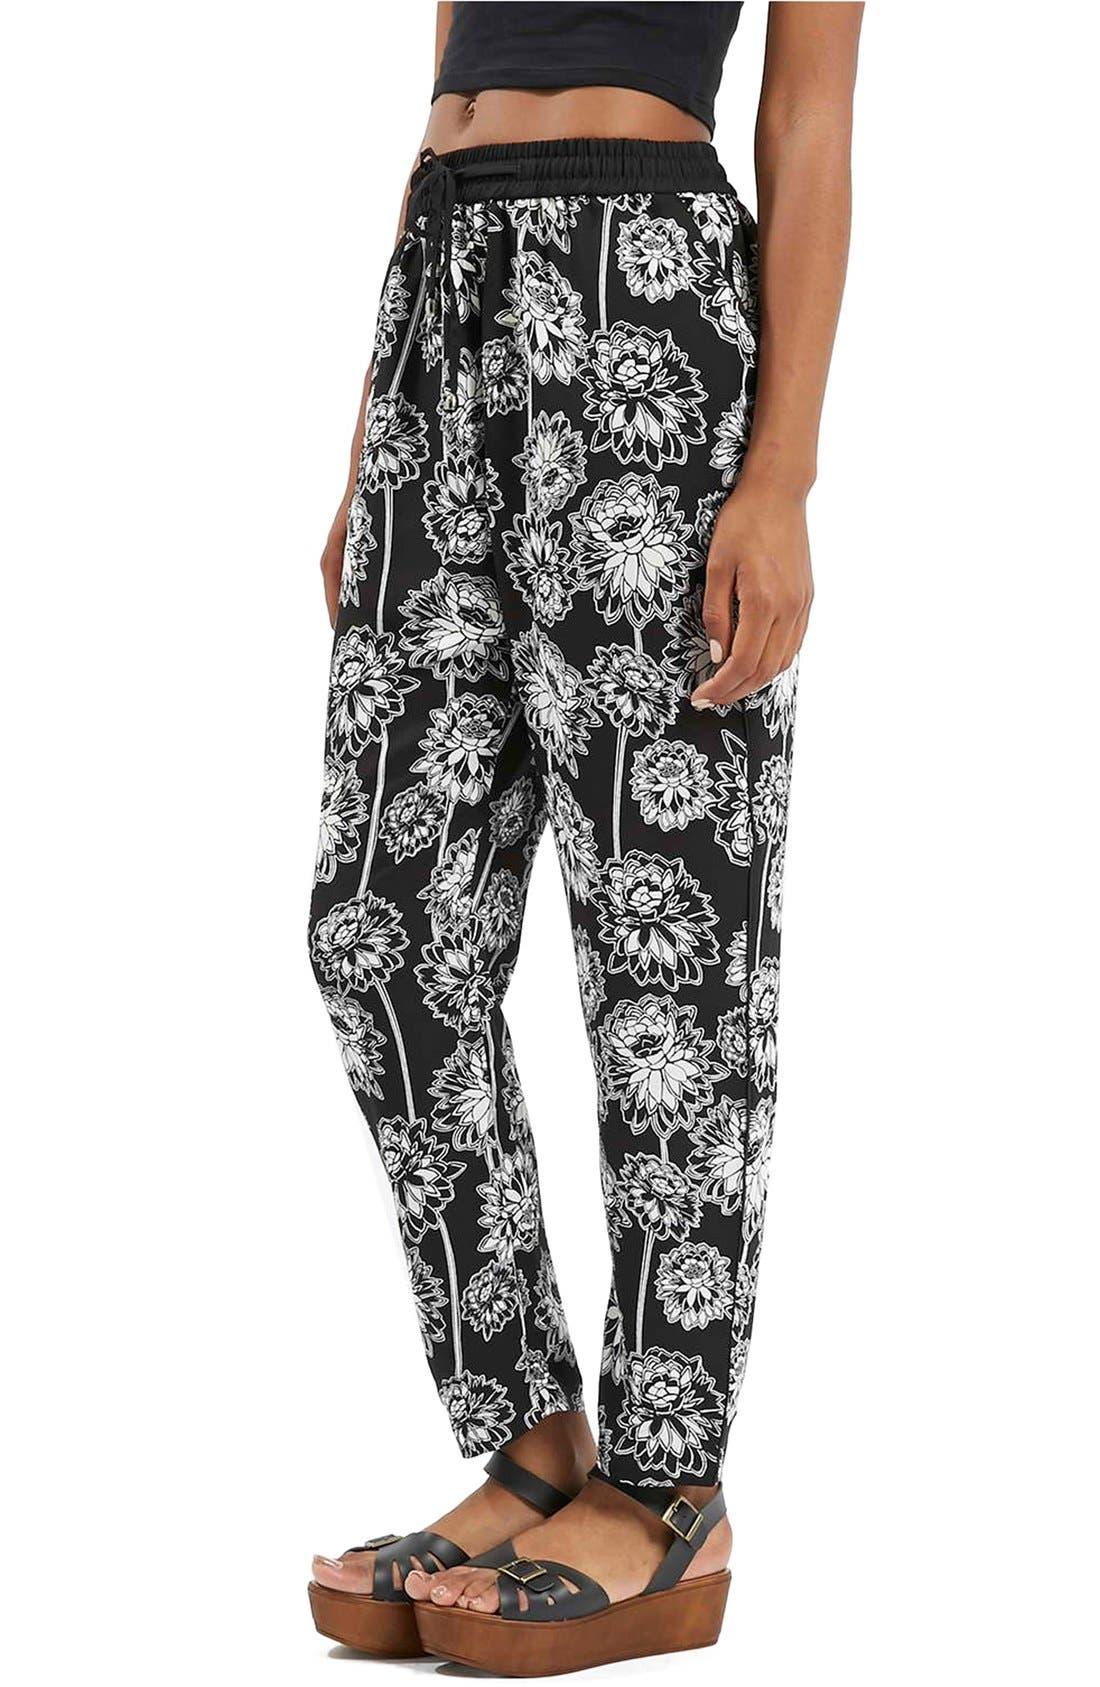 TOPSHOP 'Shoto' Woven Floral Pants, Main, color, 001